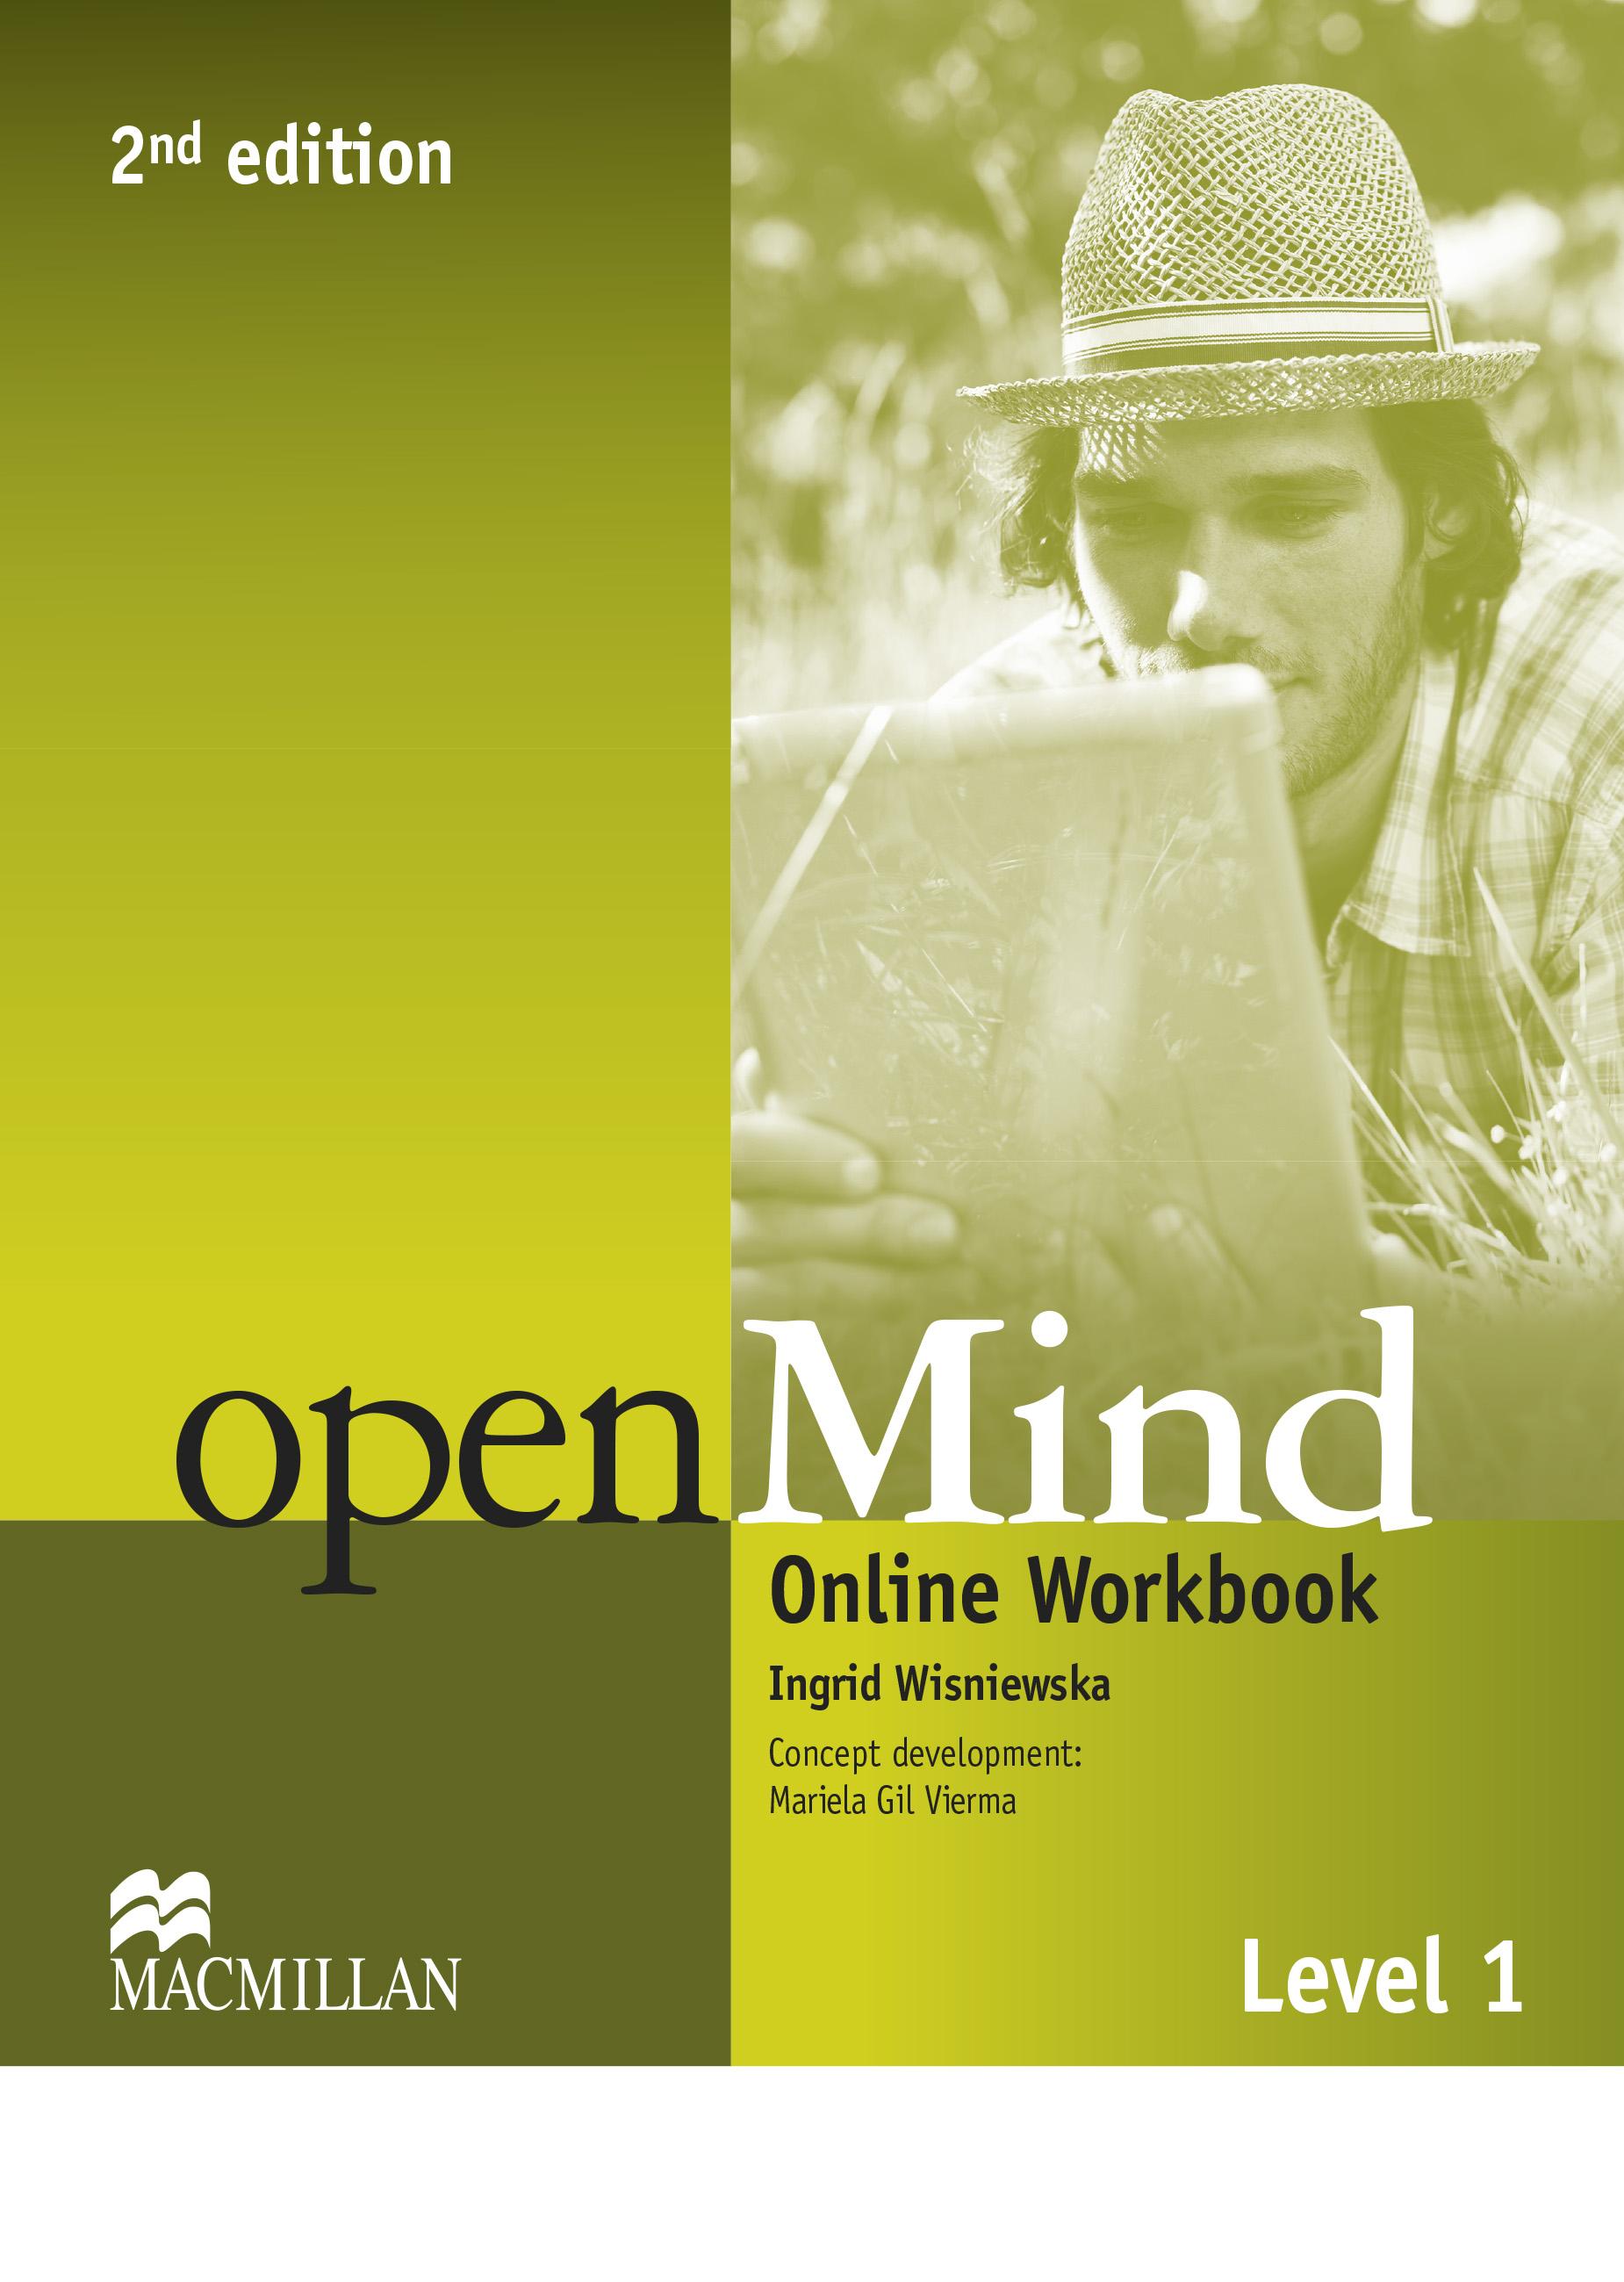 openMind 2nd Edition Level 1 Online Workbook